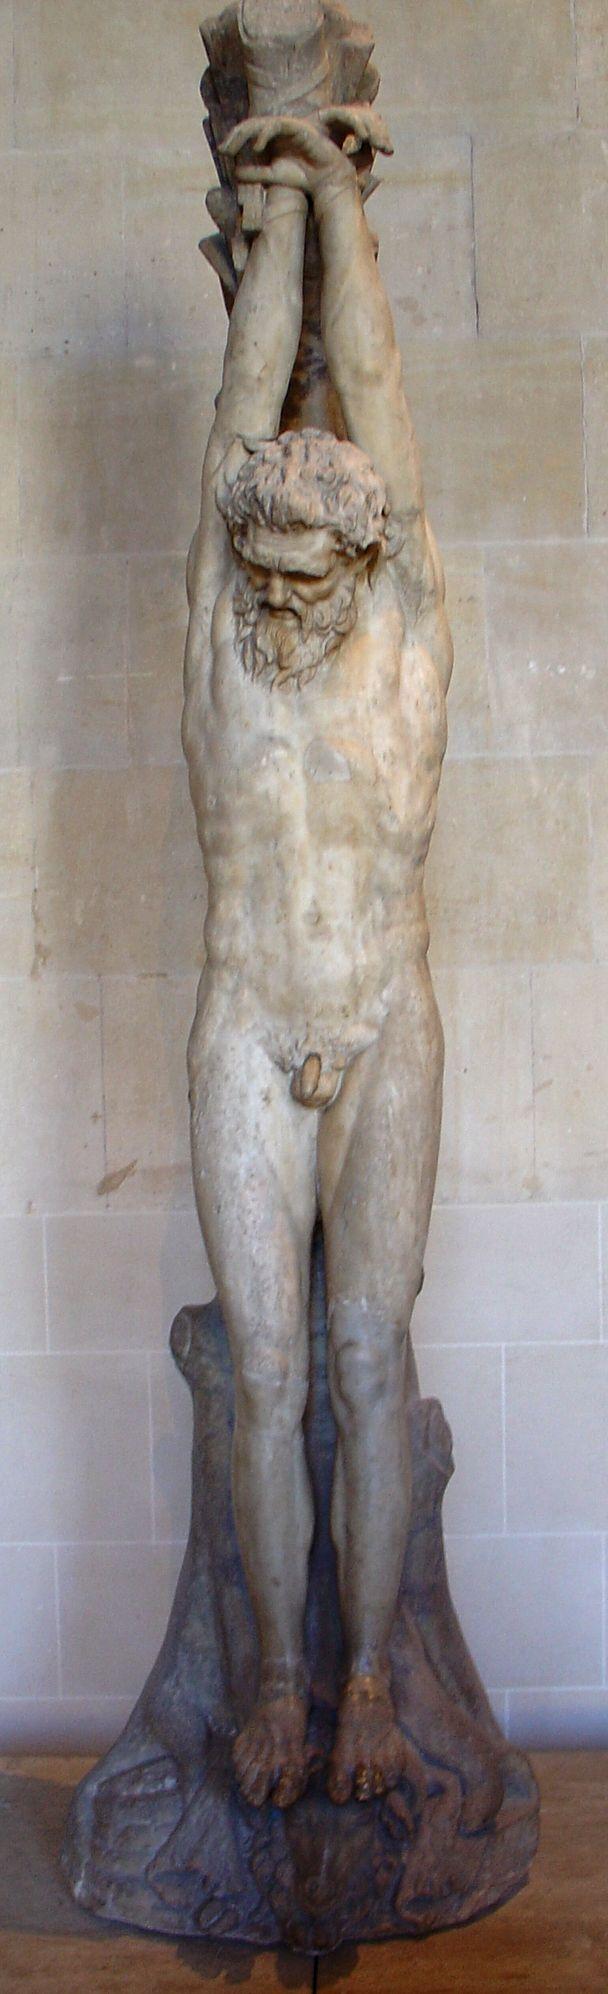 The Torment of Marsyas (Le Supplice de Marsyas), Louvre Museum, Paris.